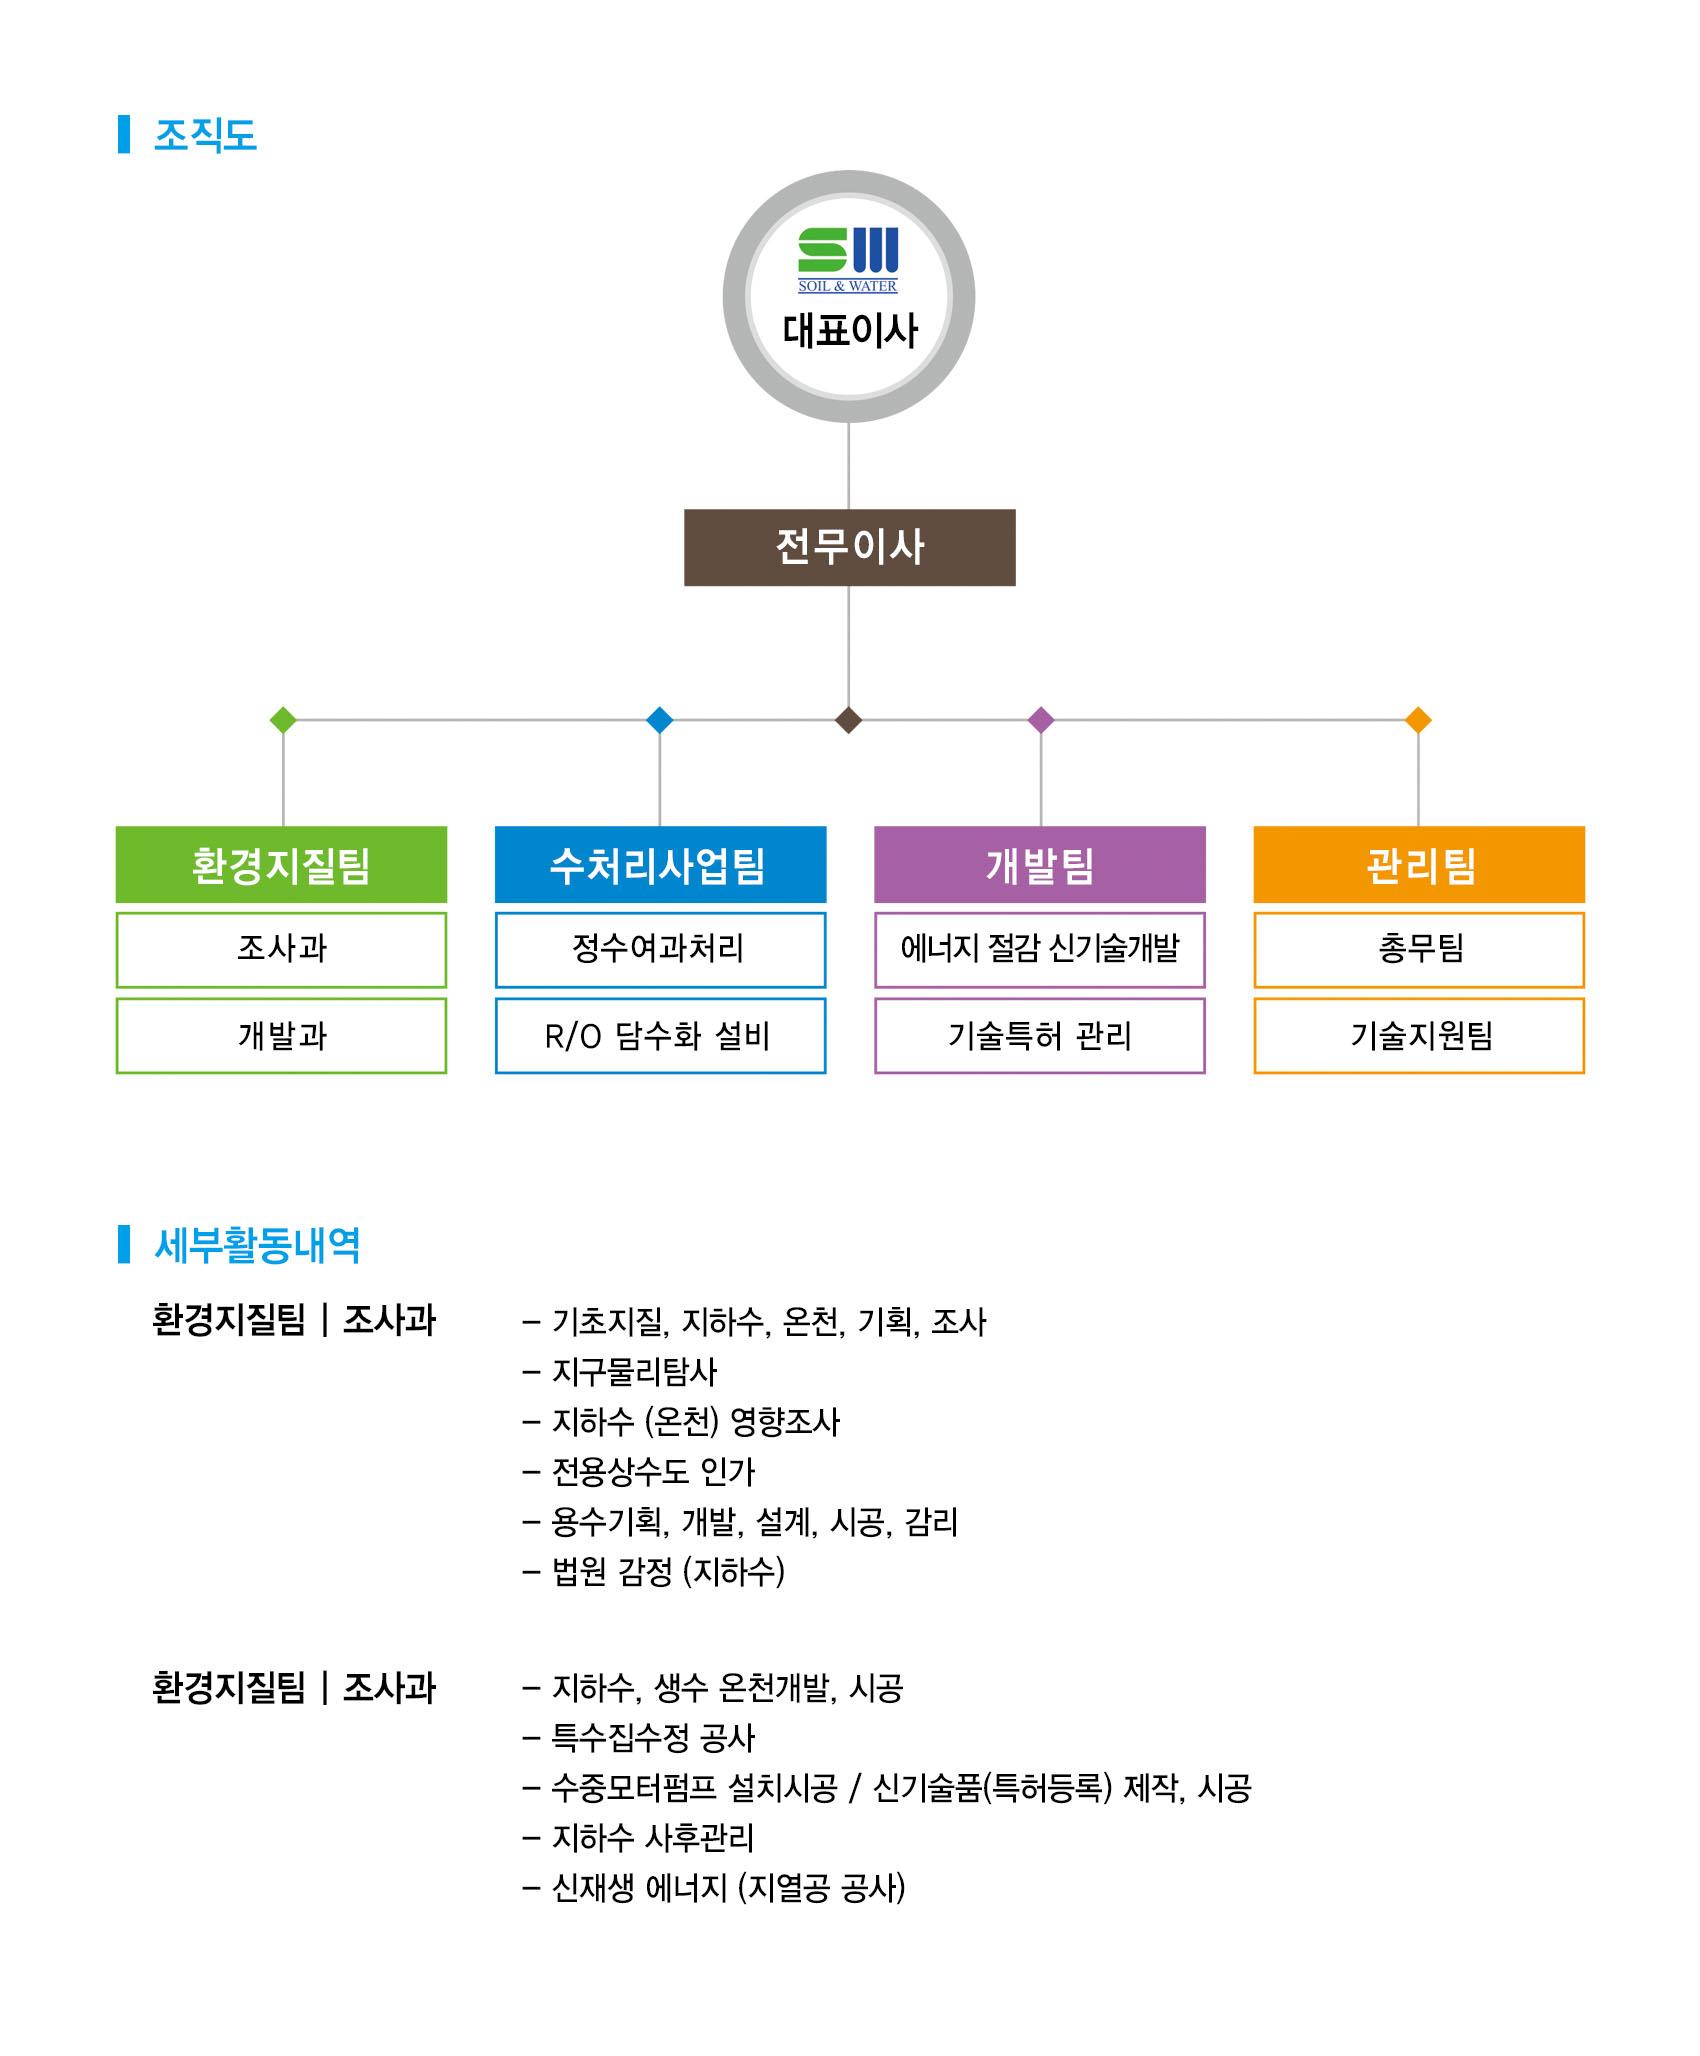 한국지수-조직도.jpg